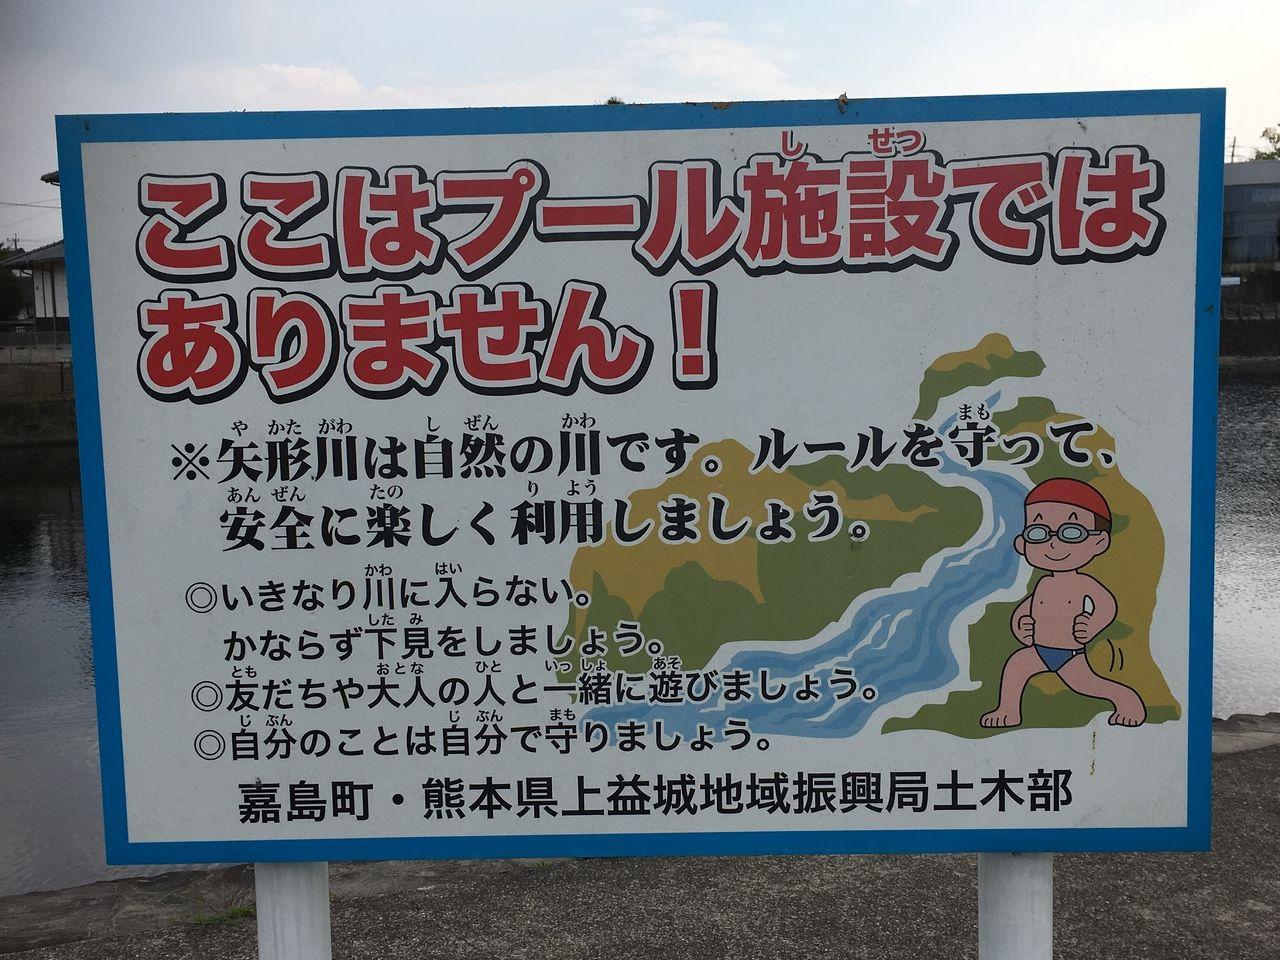 天然プールを普通のプールと混同しないようにとの県からのお知らせ